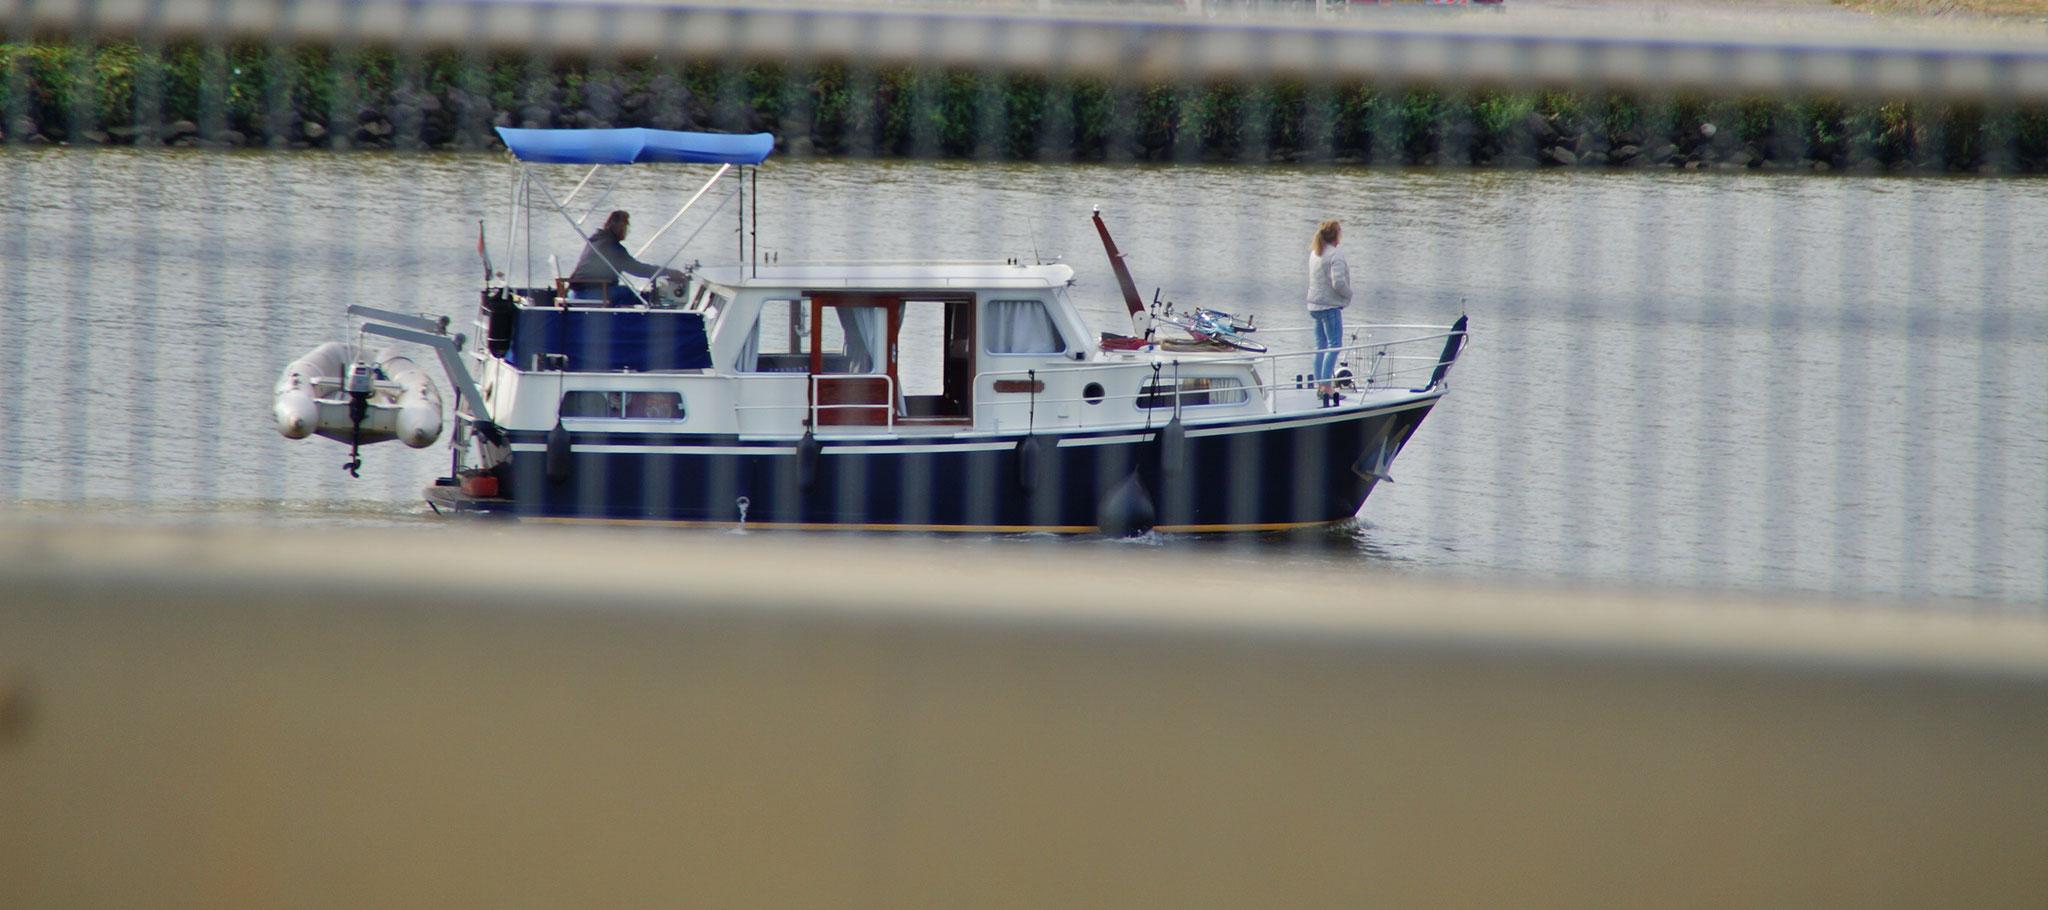 Einige sind mit dem Boot unterwegs